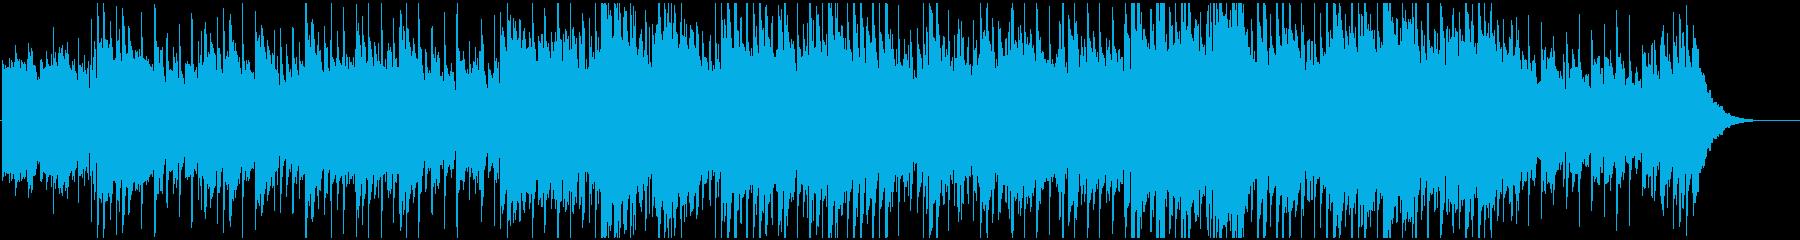 センチメンタルなBGMの再生済みの波形